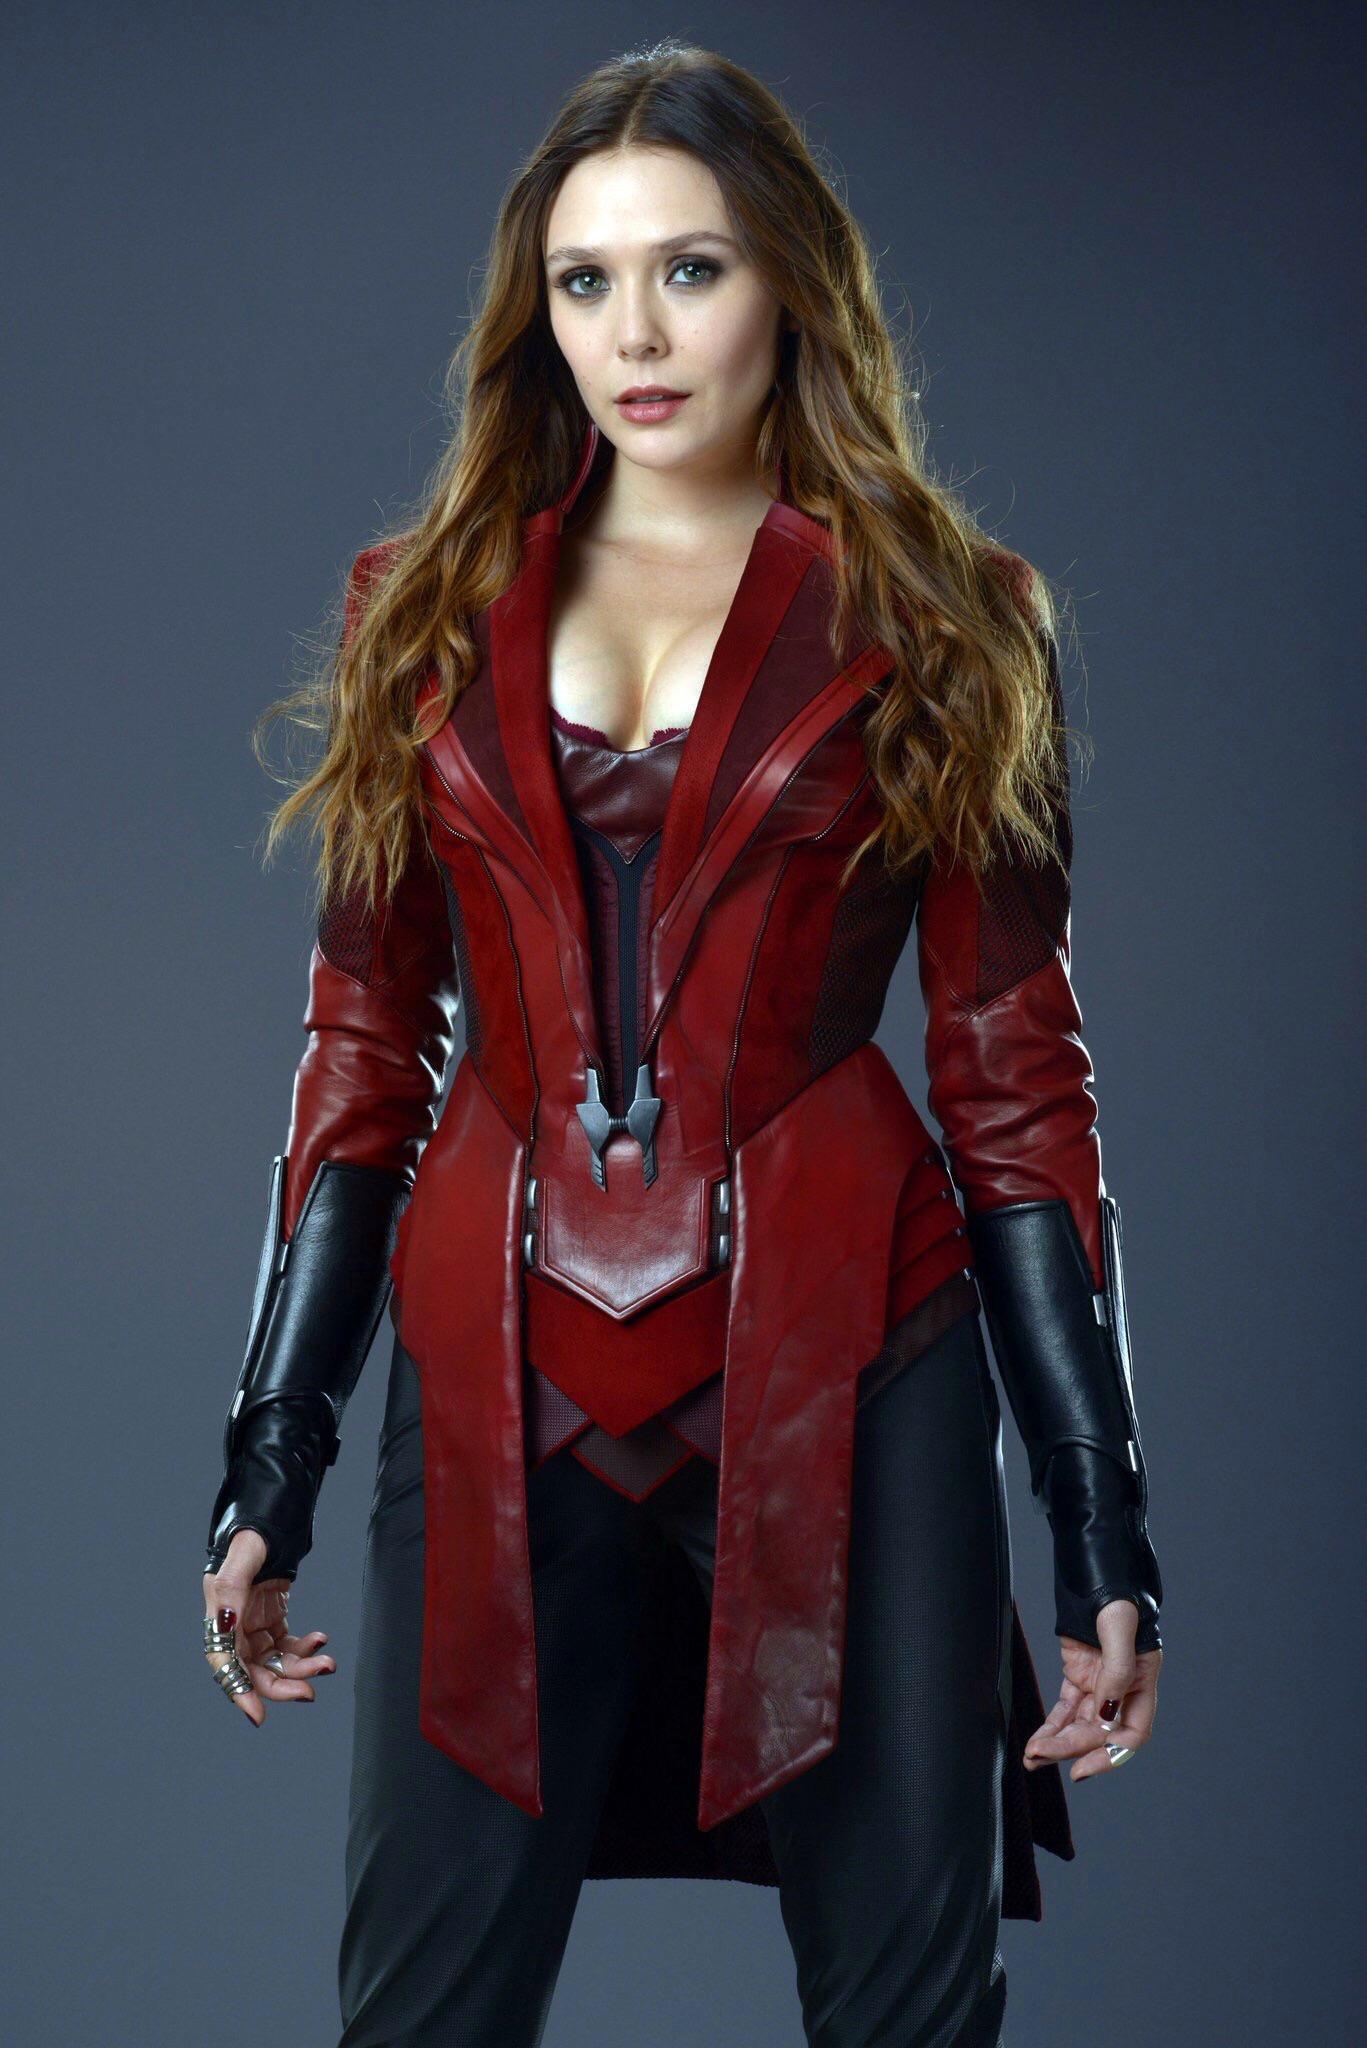 Scarlett Johansson, Elizabeth Olsen, Chris Hemsworth, RDJ: Hottest Avengers Pictures 7